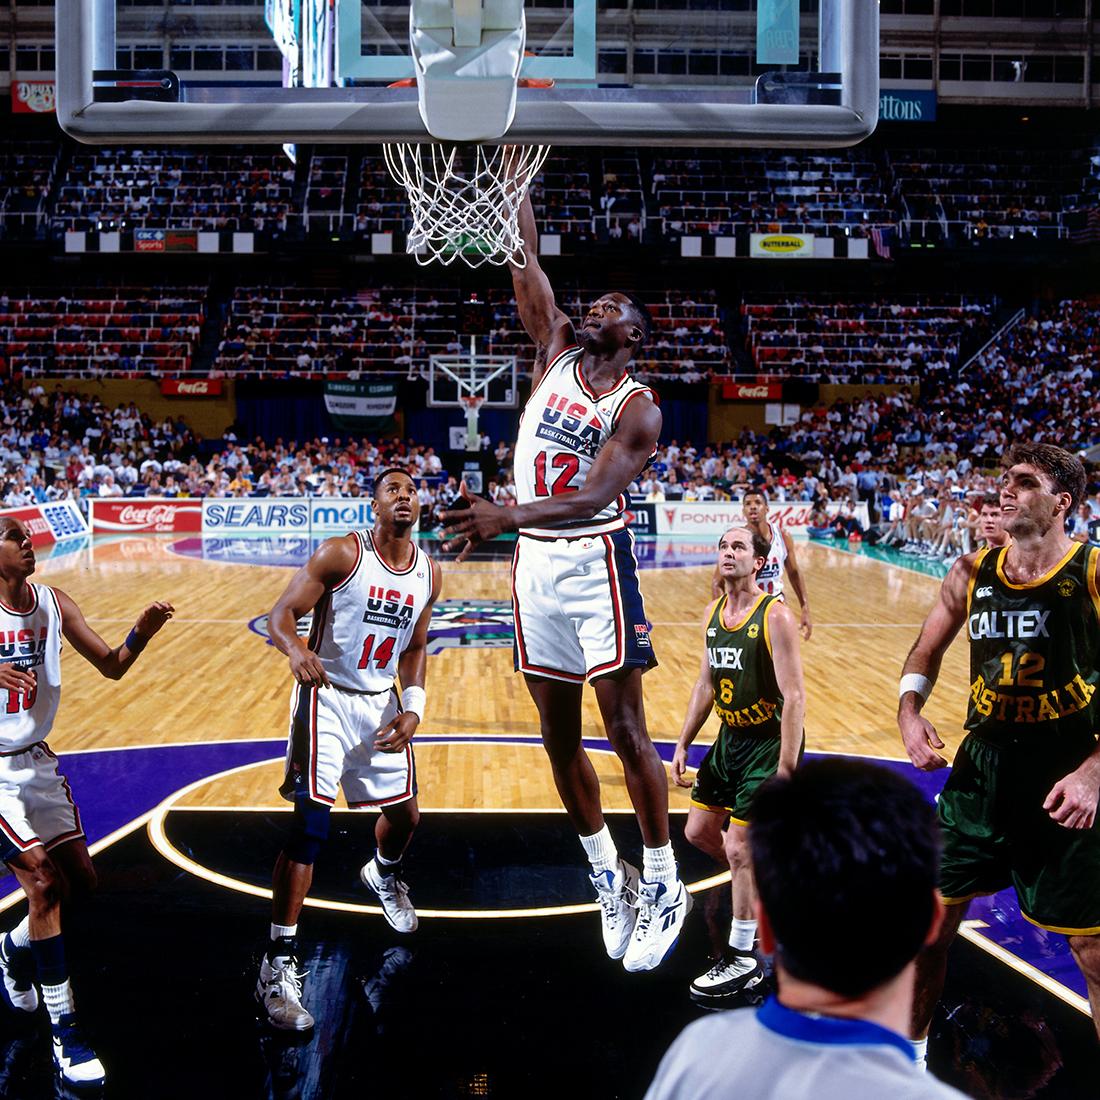 Dominique Wilkins en el dream team 2 en viva basquet flash back